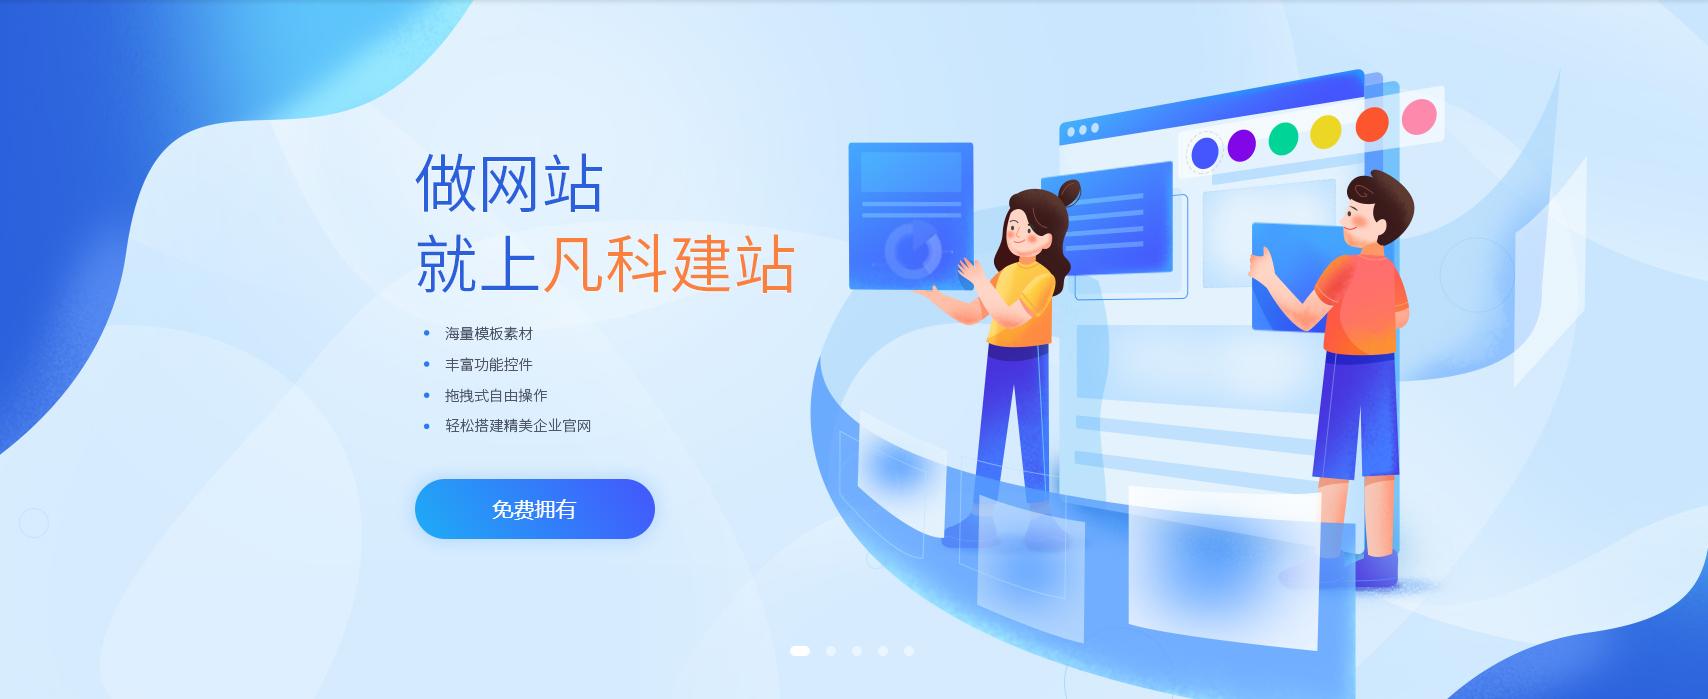 怎么创建企业网站